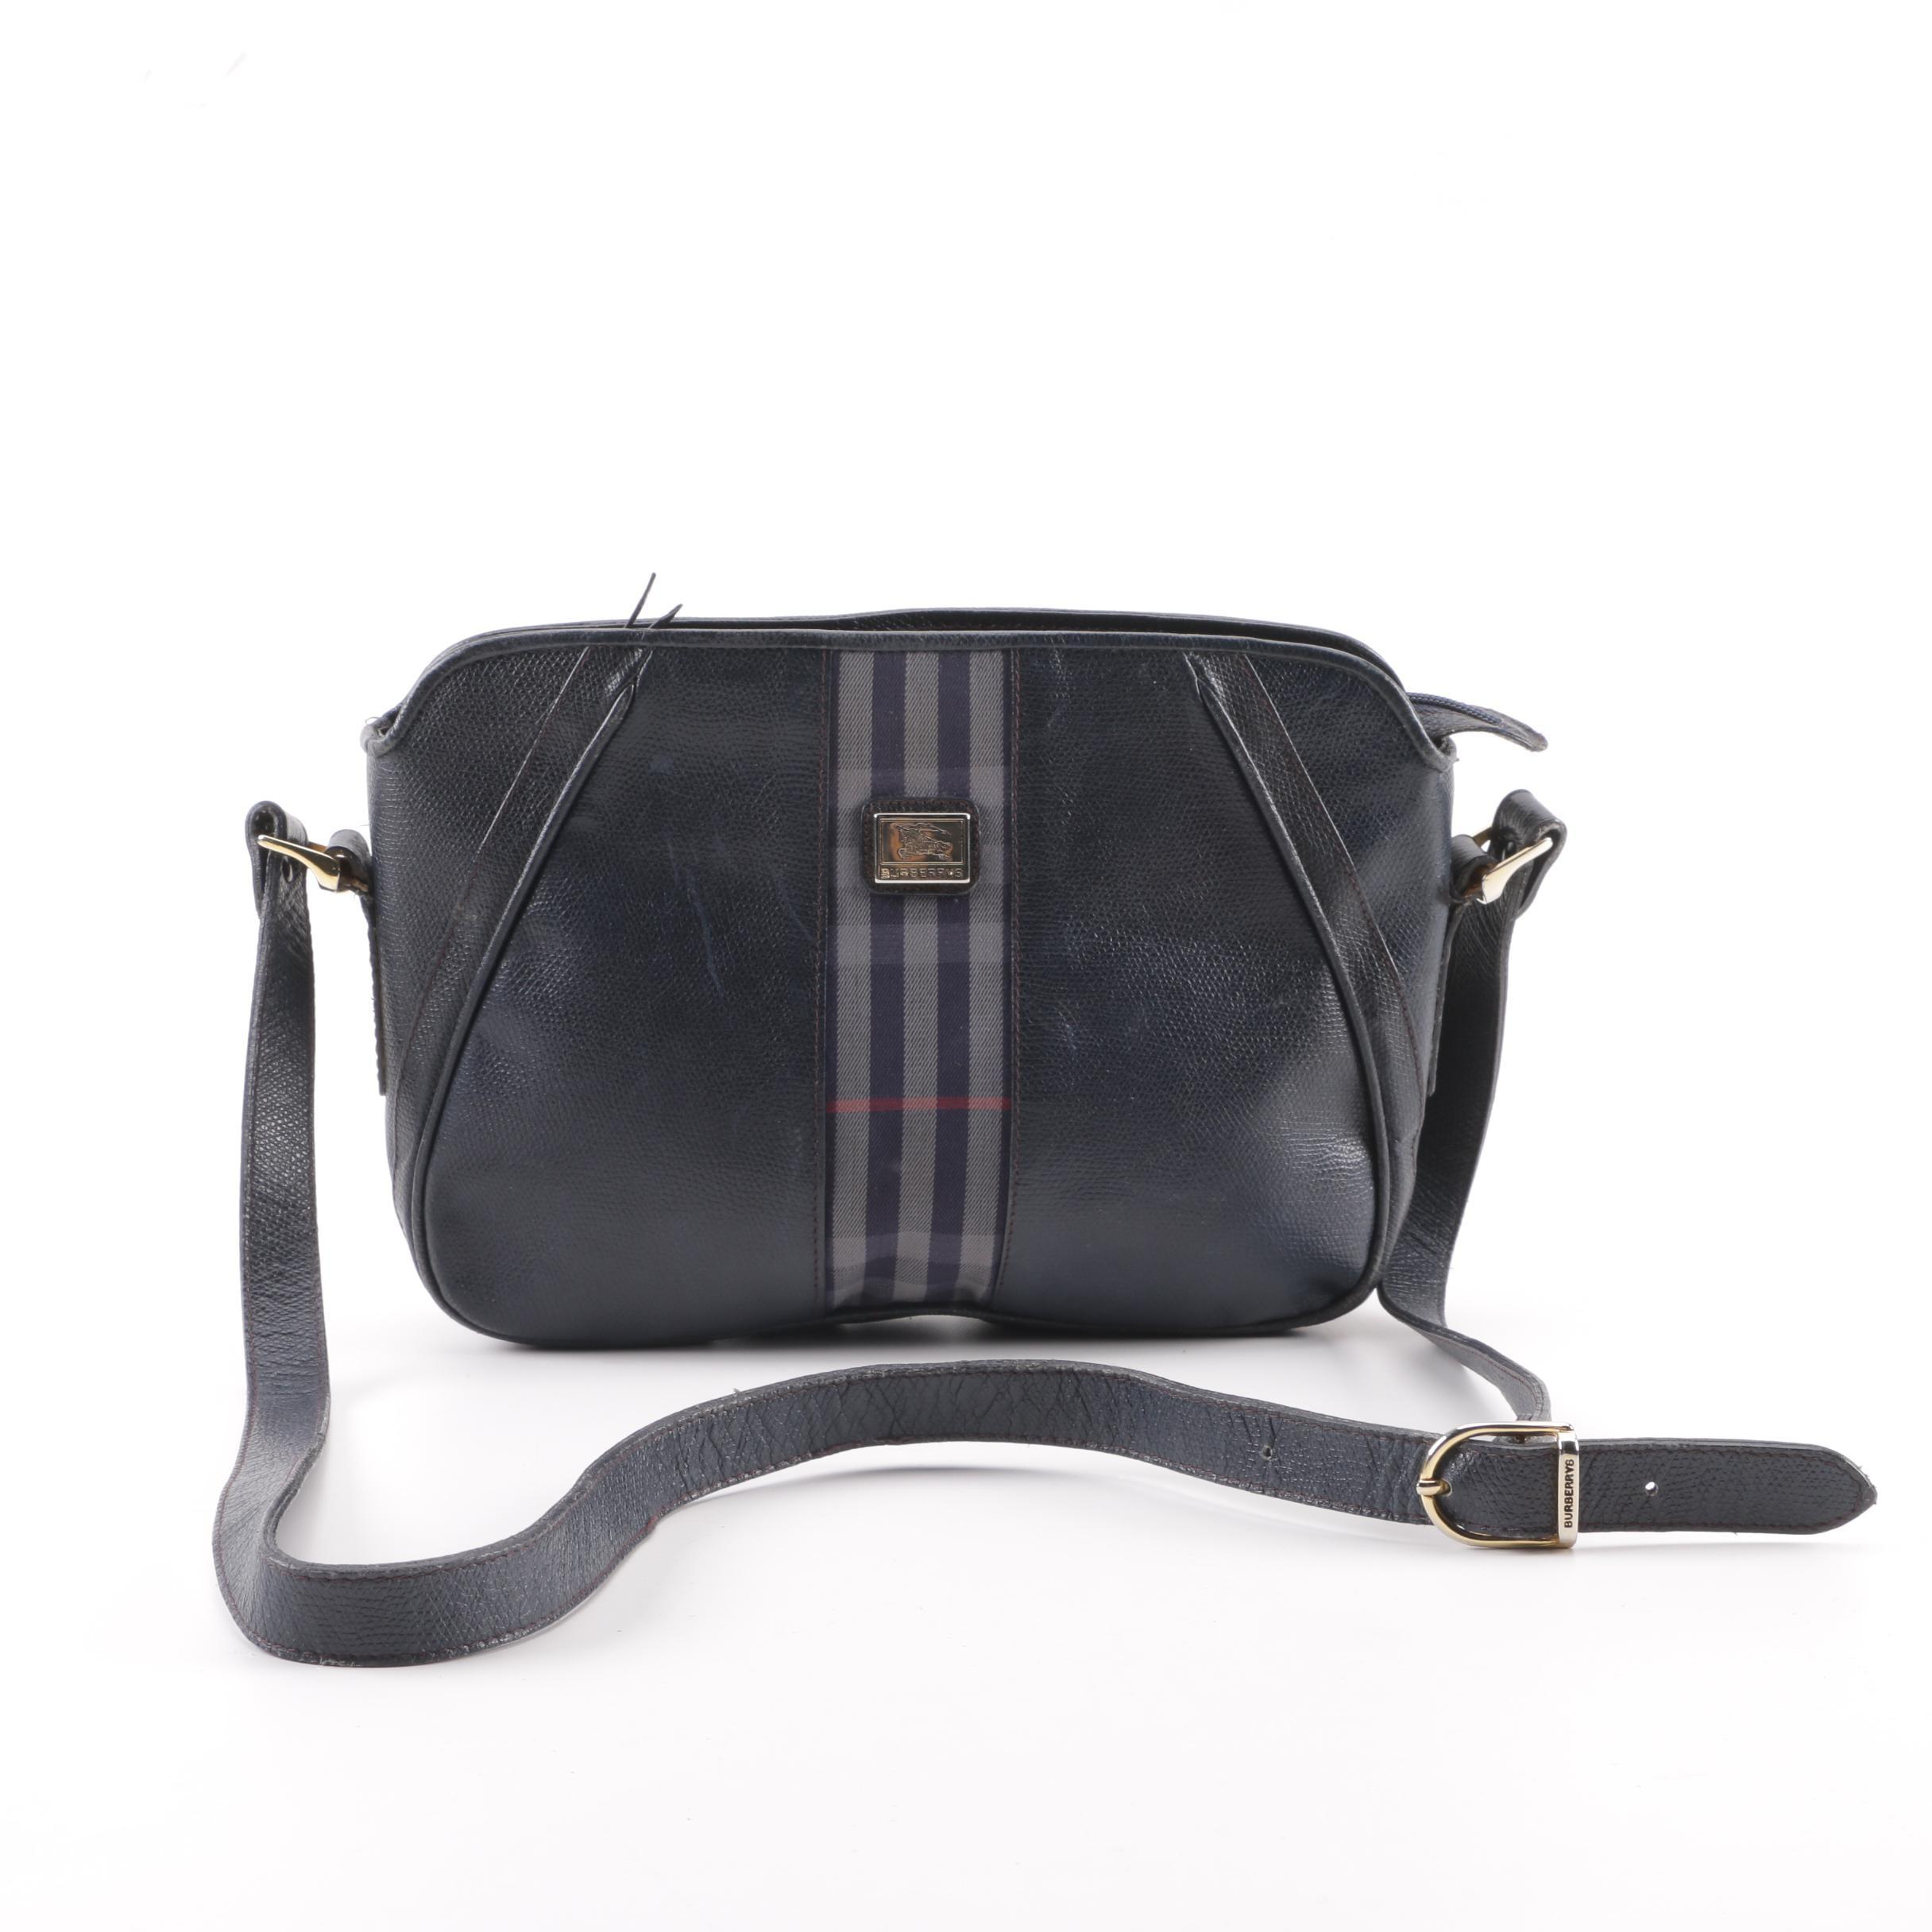 Vintage Burberry Navy Leather Plaid Stripe Shoulder Bag